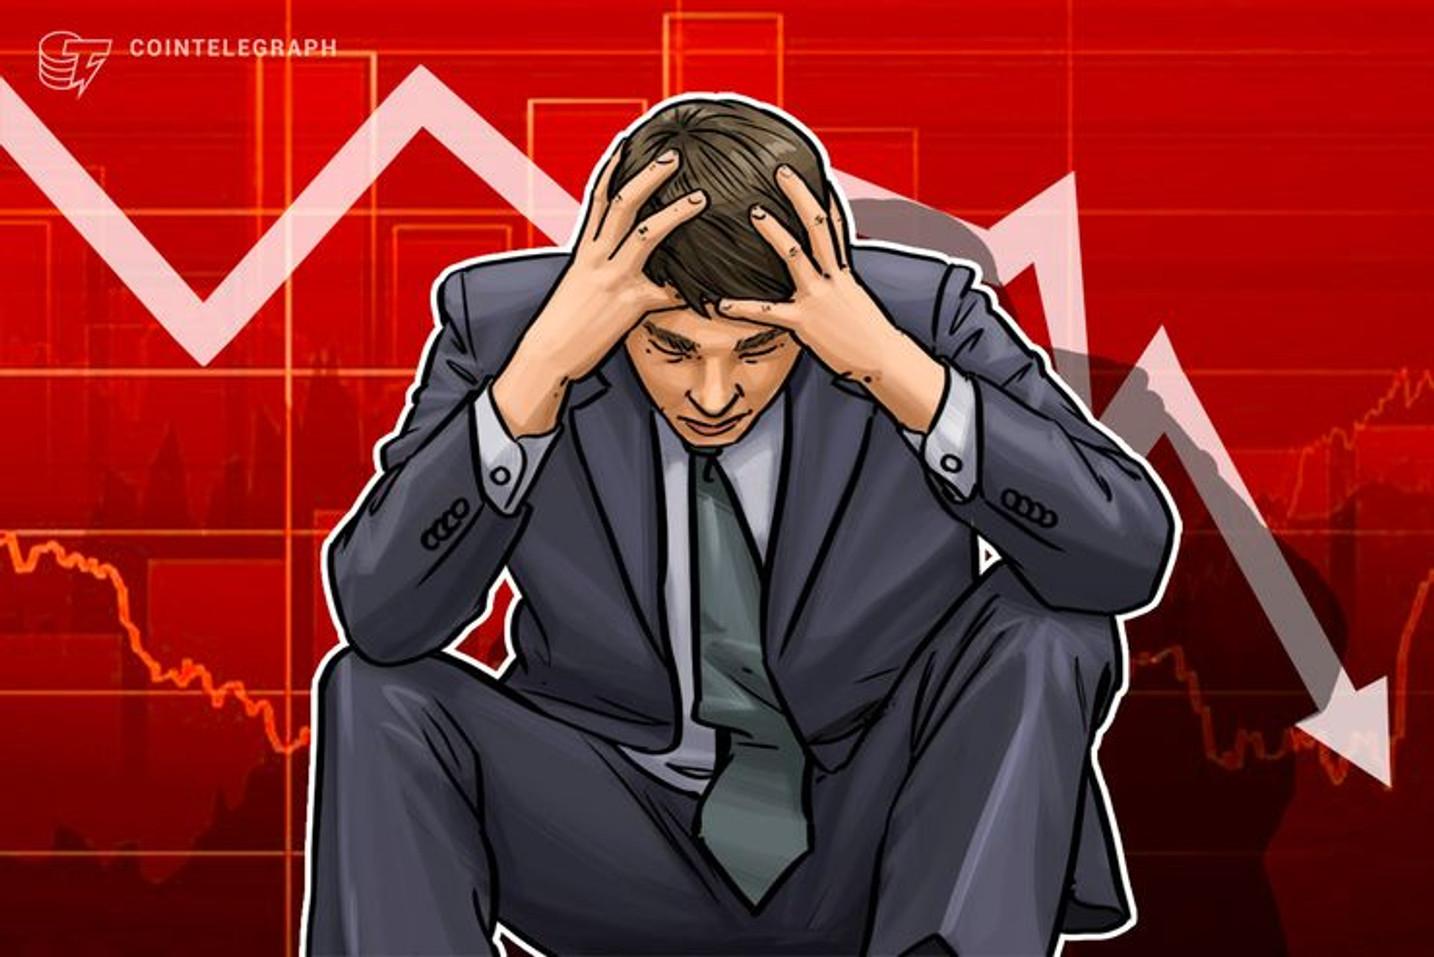 暴落するビットコイン相場、RSIは歴史的な低水準 仮想通貨ビットコイン相場市況(11月20日)